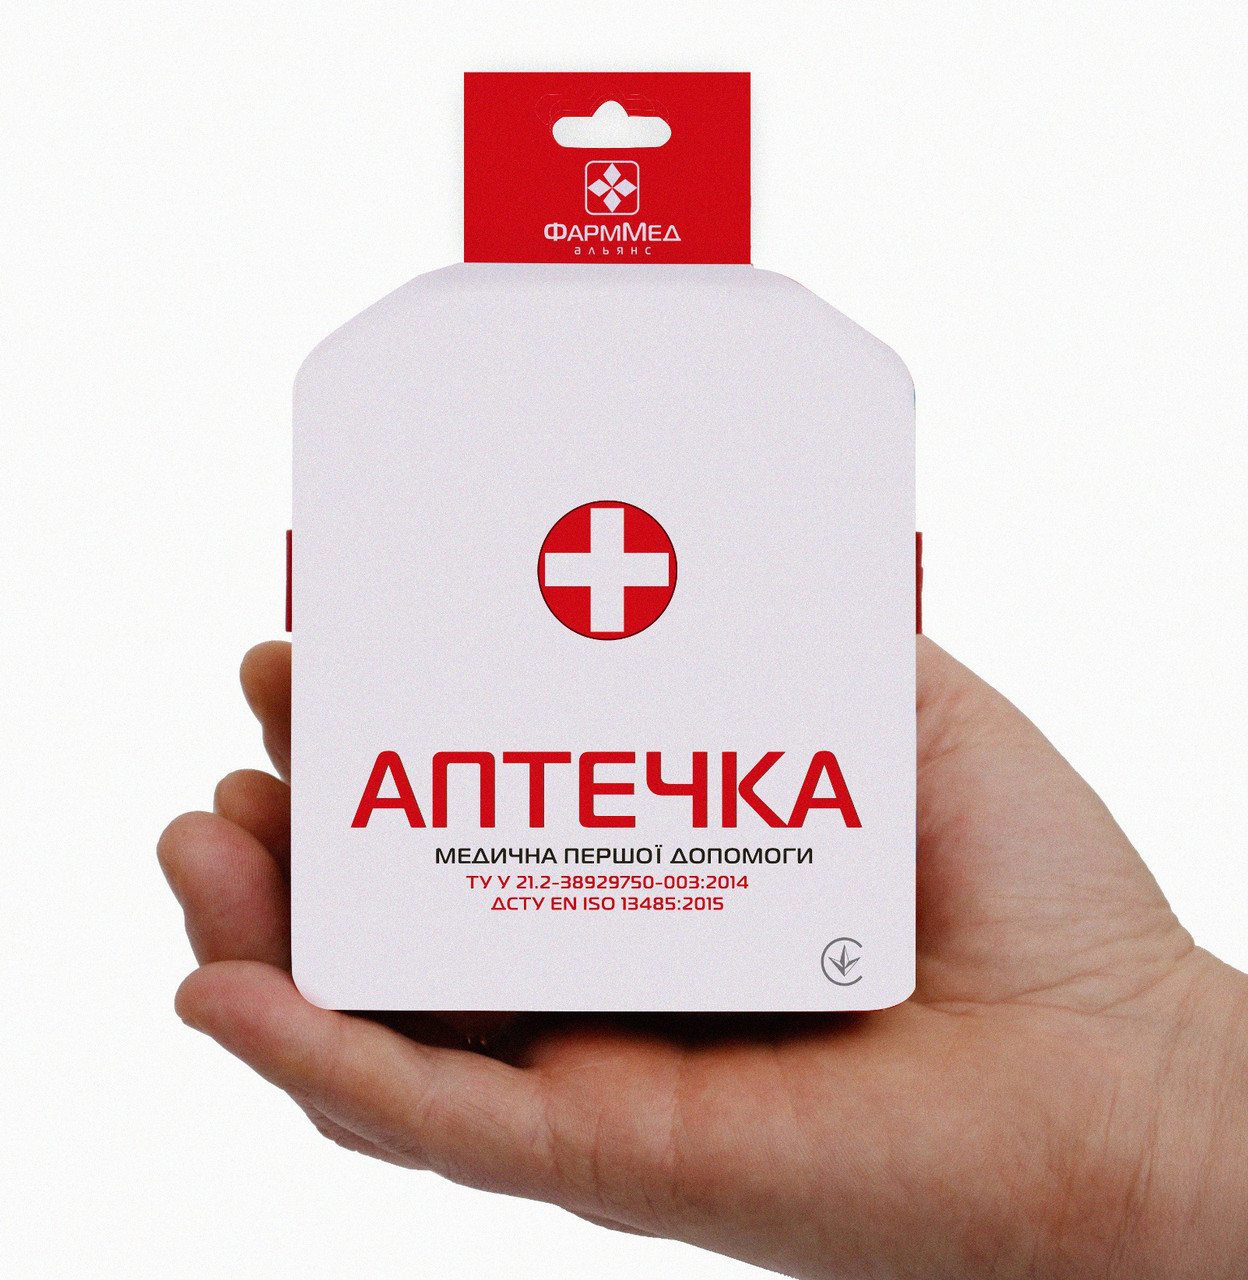 Аптечка индивидуальная мини, цена с НДС